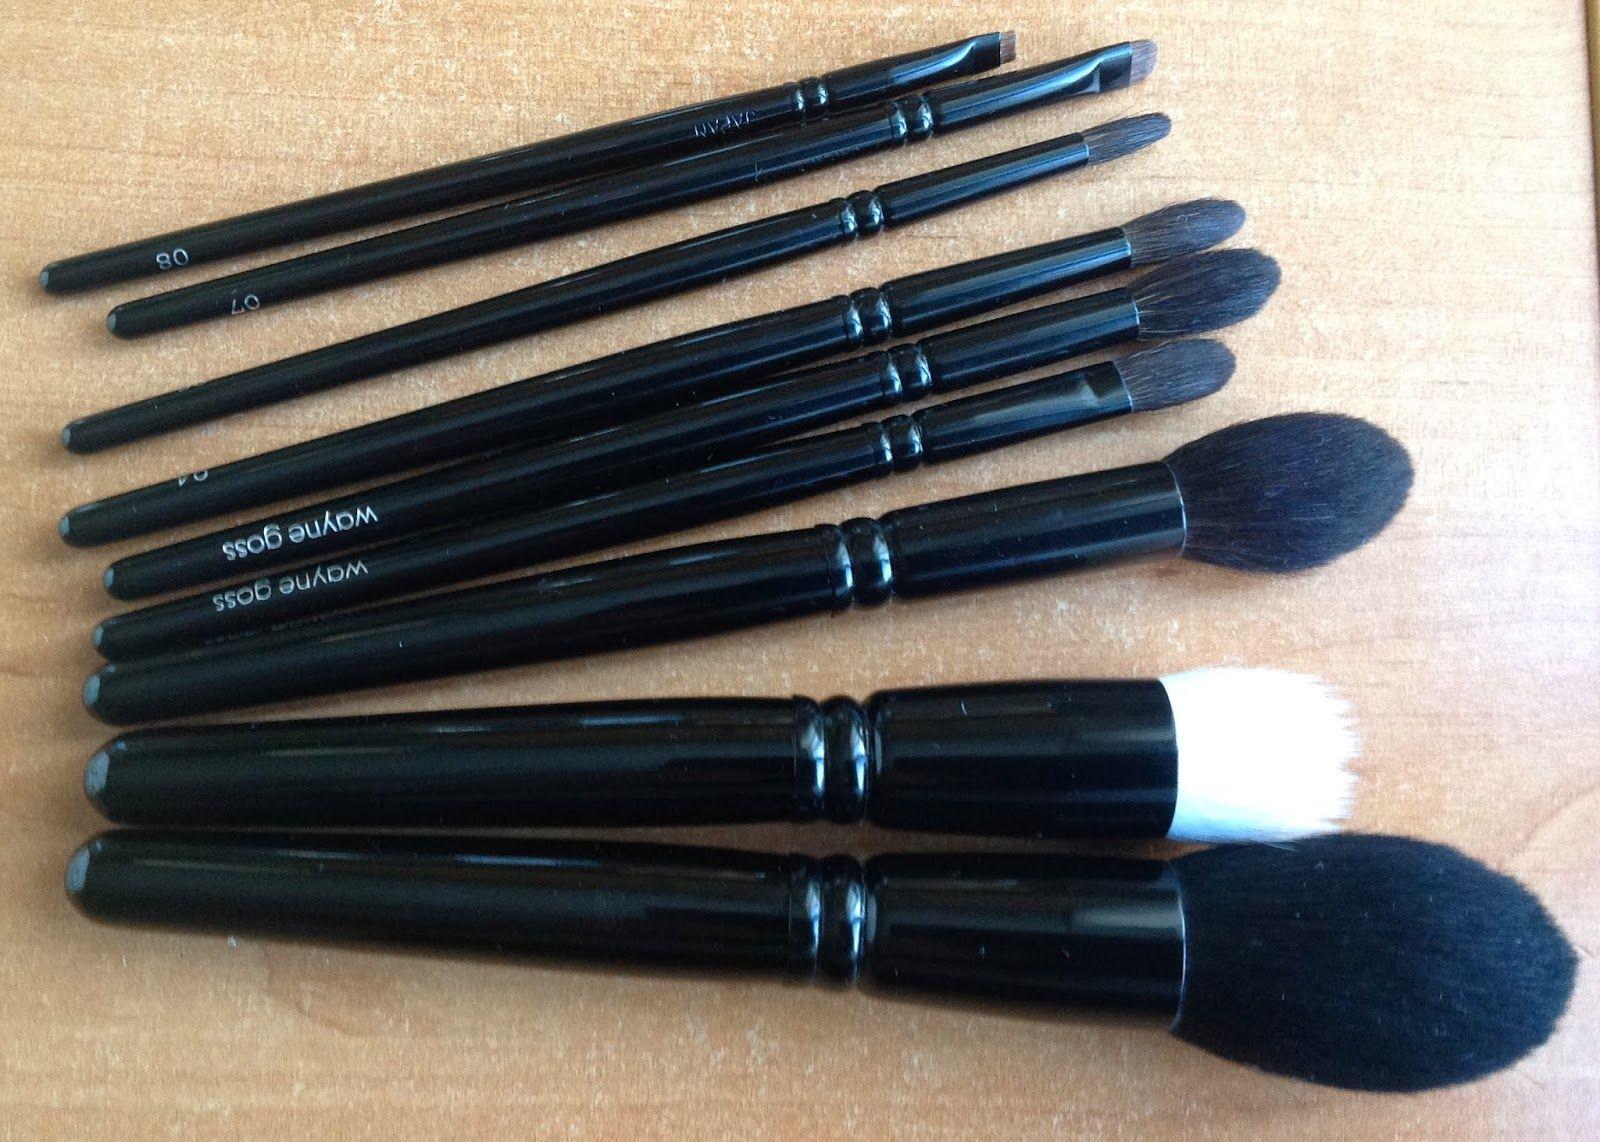 Wayne Goss Makeup Brushes Review Makeup brushes, Makeup